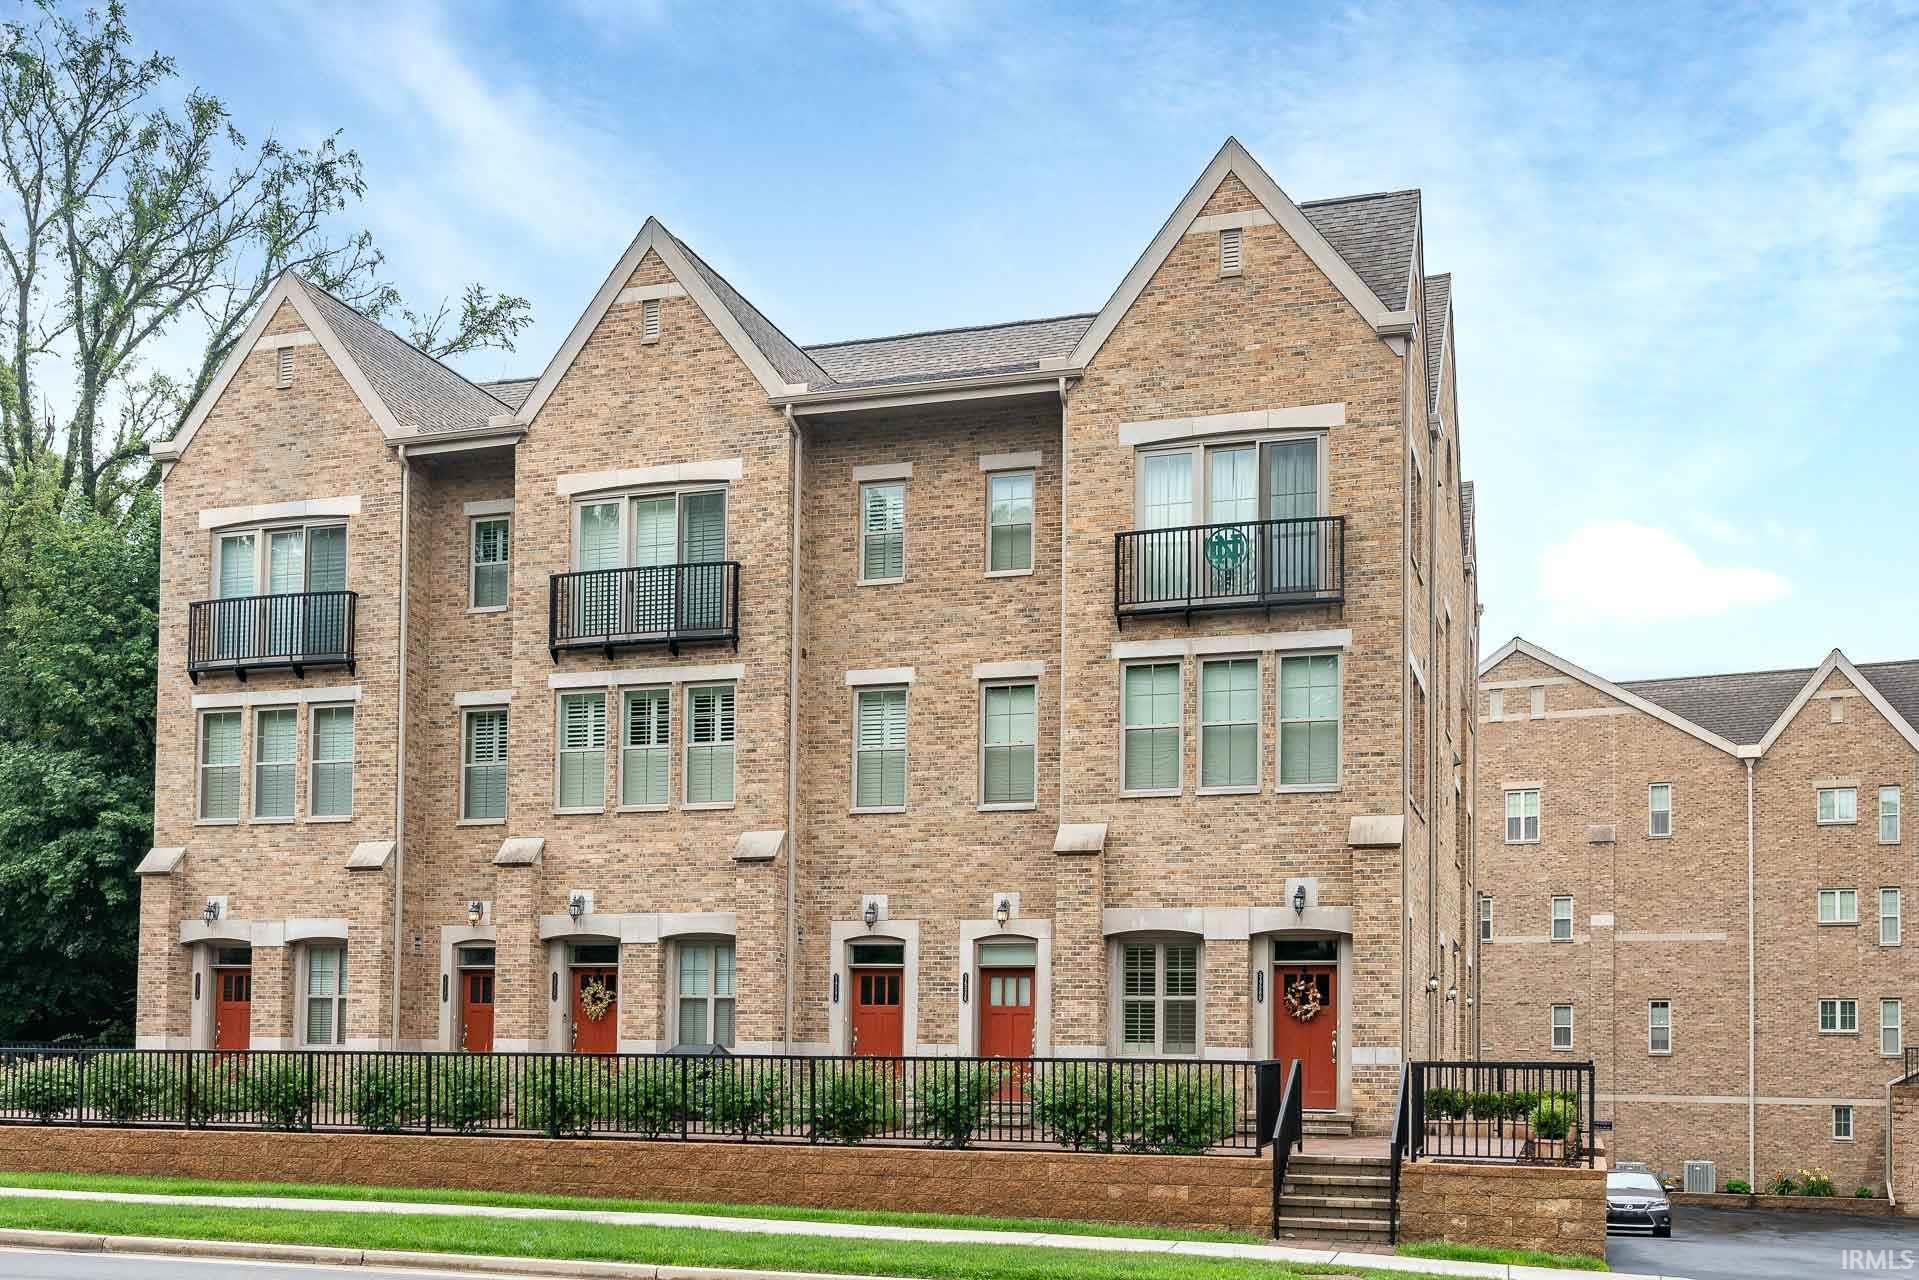 54586 Twyckenham-unt 3 #Unit 3 Building Q8 South Bend, IN 46637